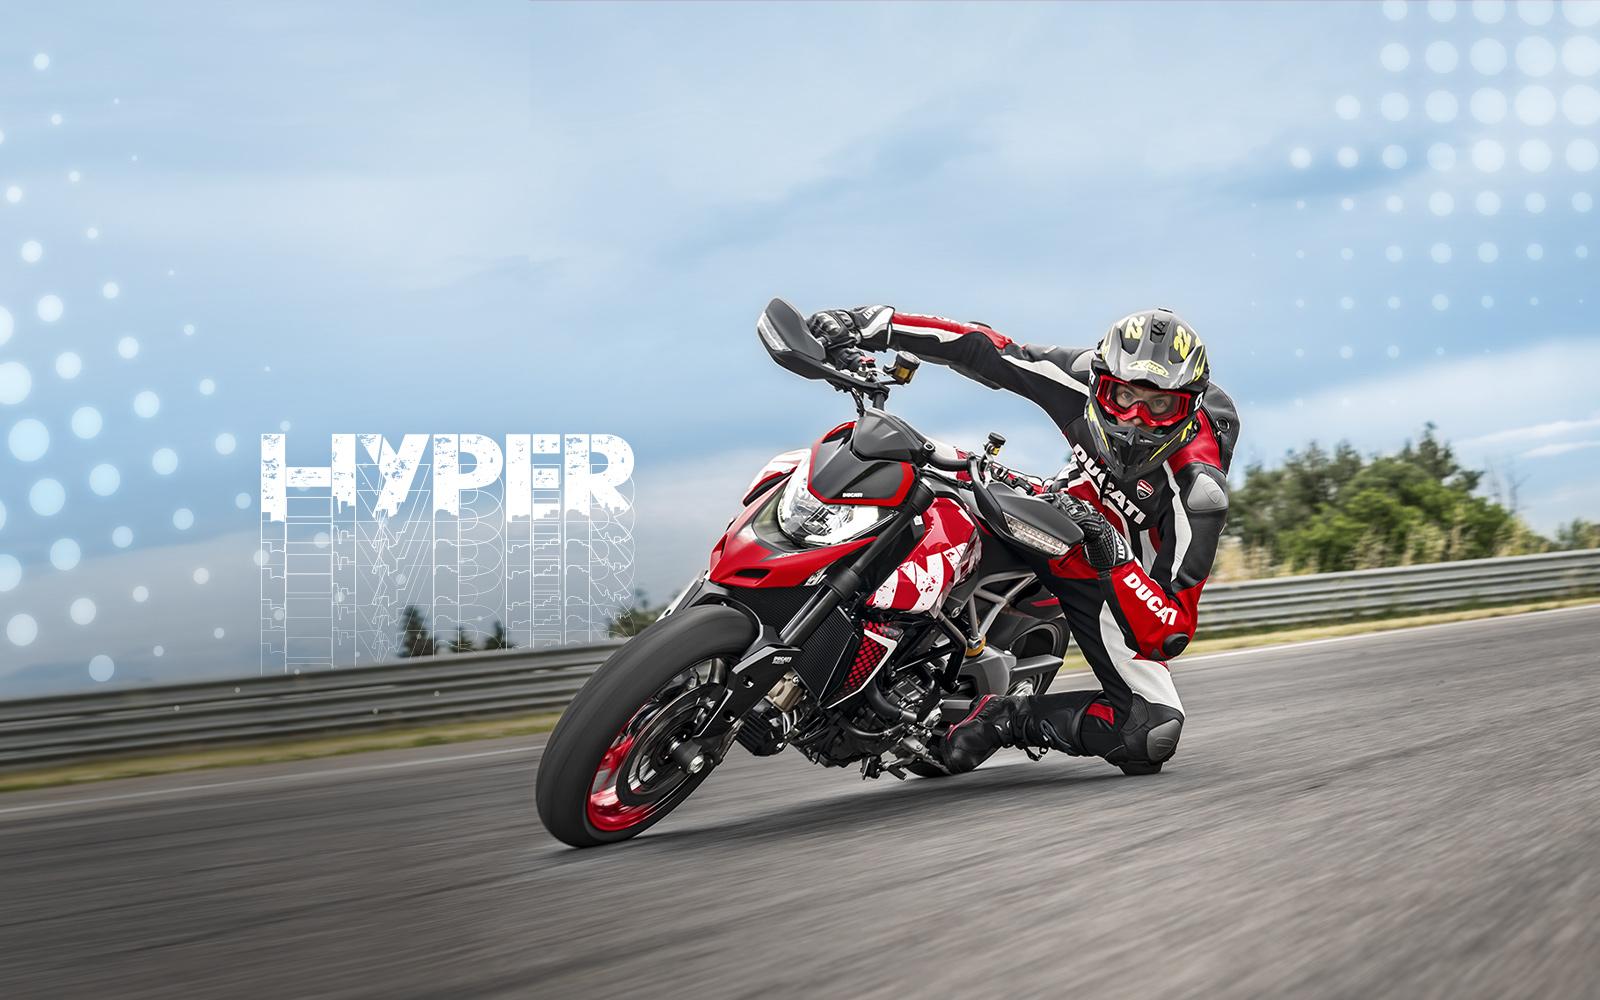 Em outubro, 4Ever Ducati! 4 anos de garantia em todas as Ducati